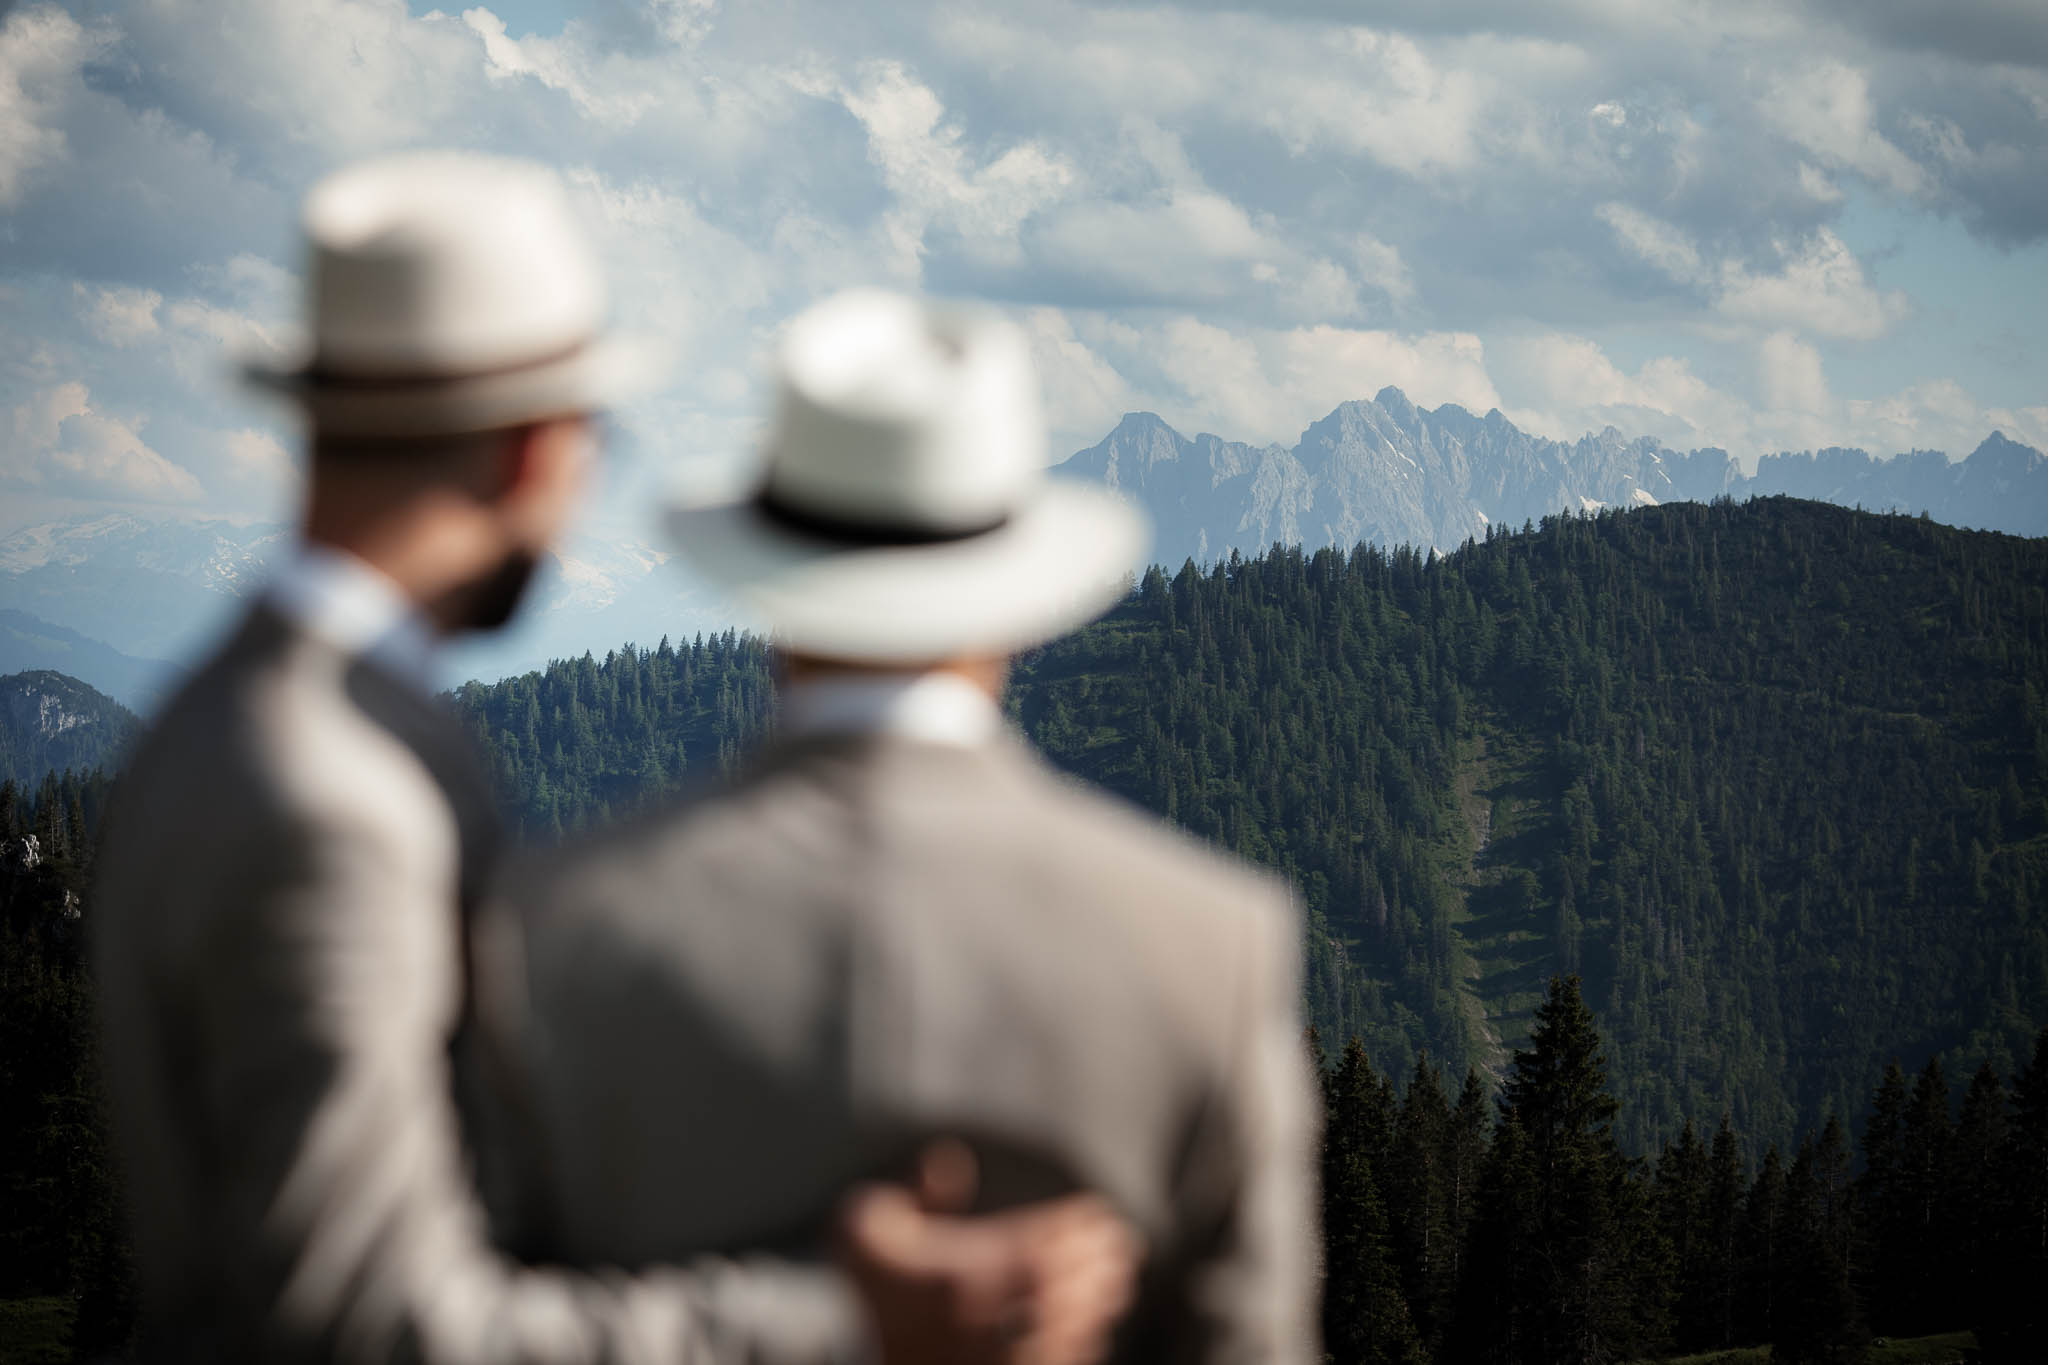 Hochzeitsfotograf Alpen, Chiemgau: freie Trauung von Dennis & Dirk 54